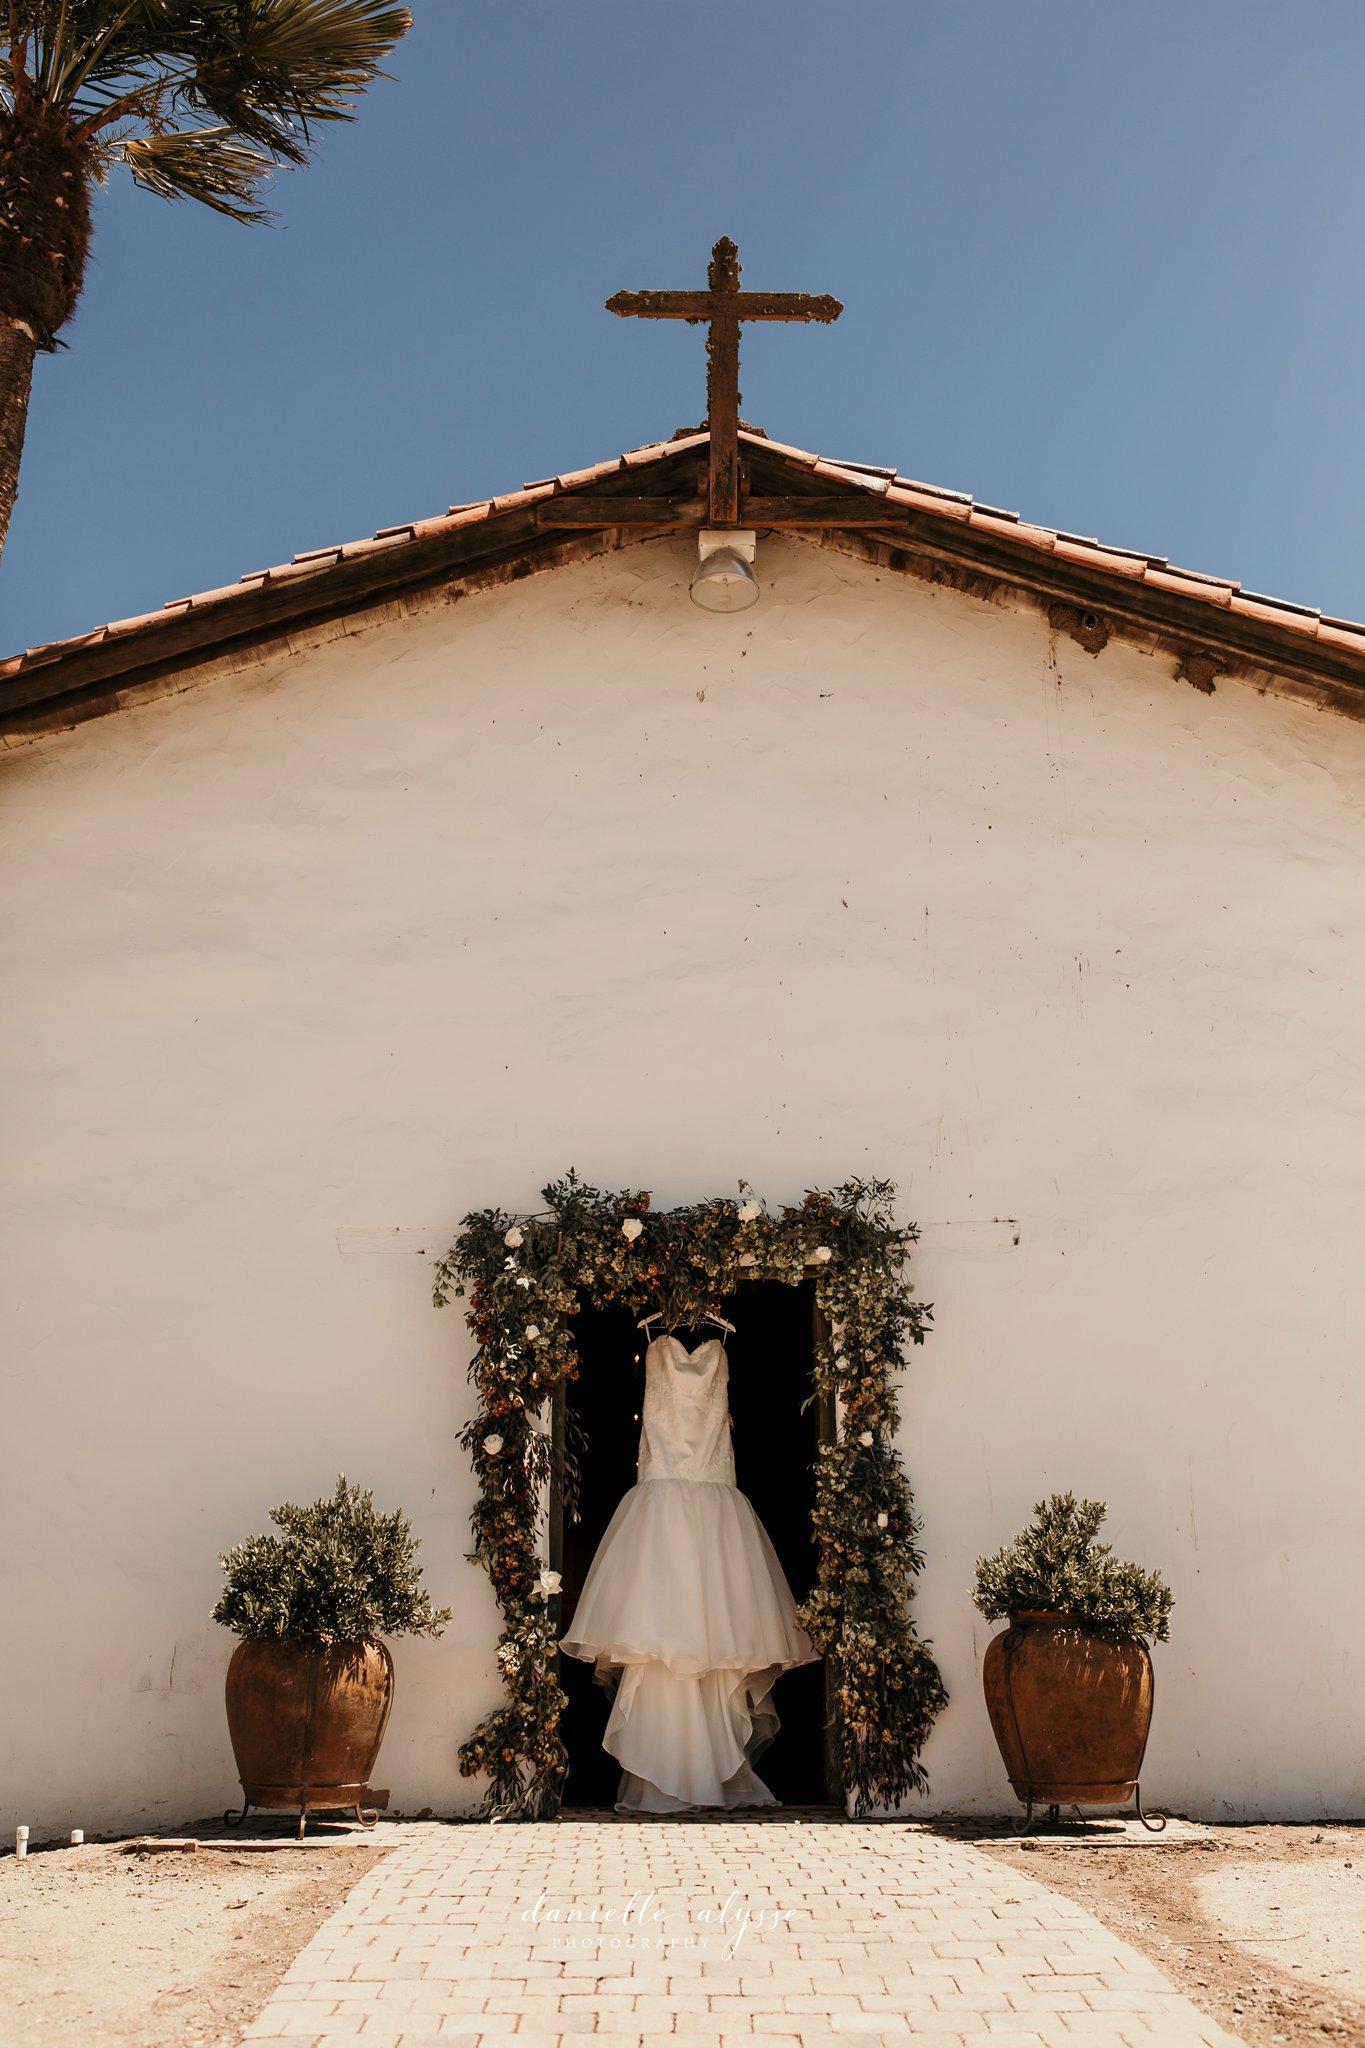 180630_wedding_lily_ryan_mission_soledad_california_danielle_alysse_photography_blog_60_WEB.jpg